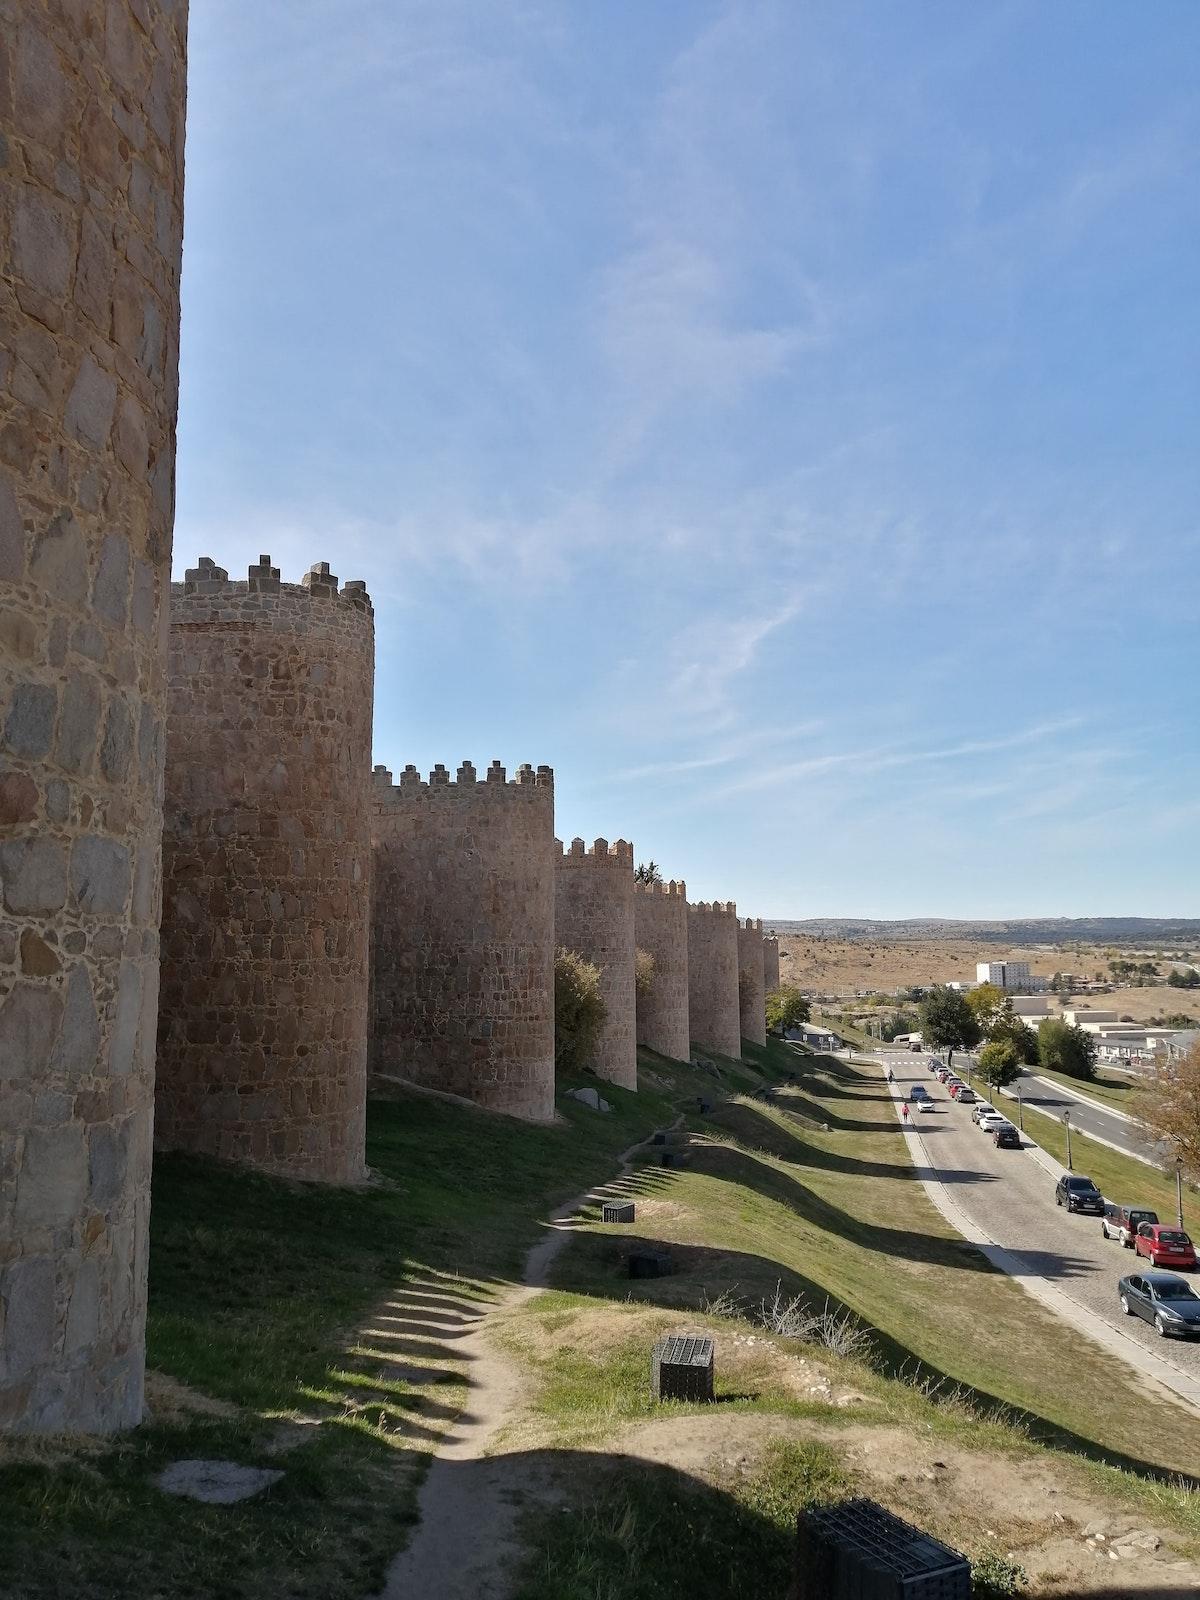 Vista exterior de las murallas medievales de la ciudad de España.